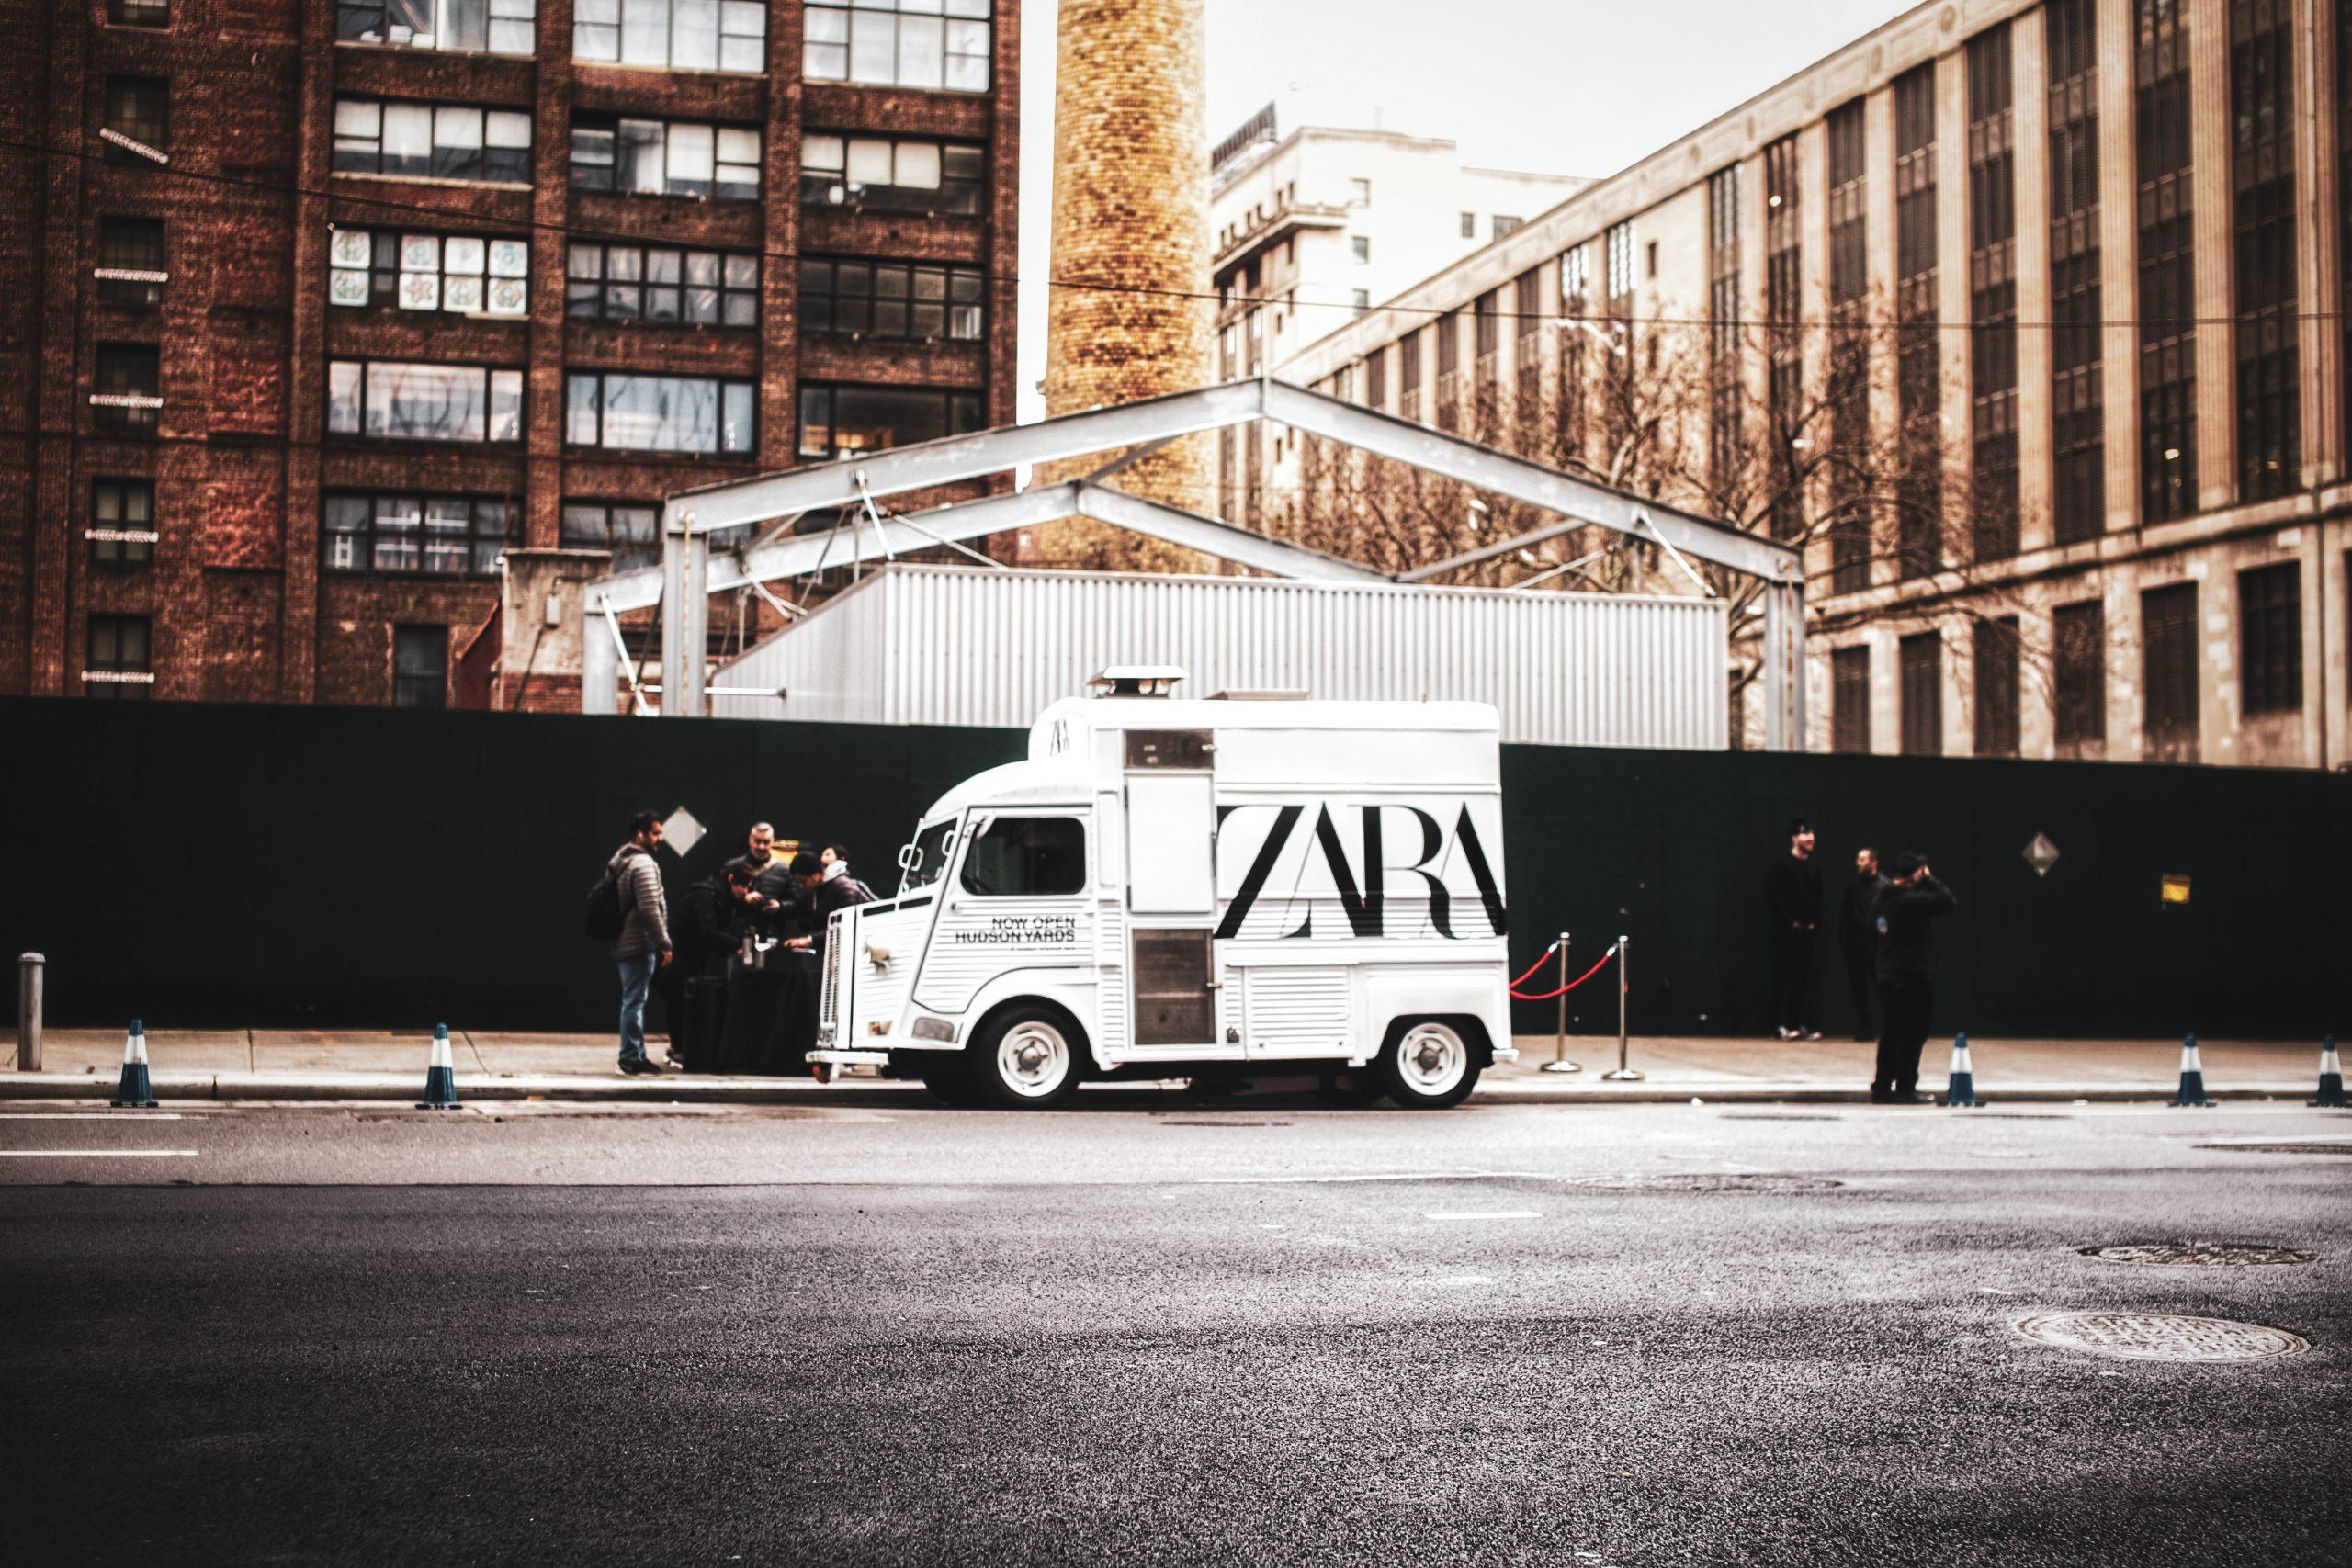 Zara Branded Vintage Food Truck